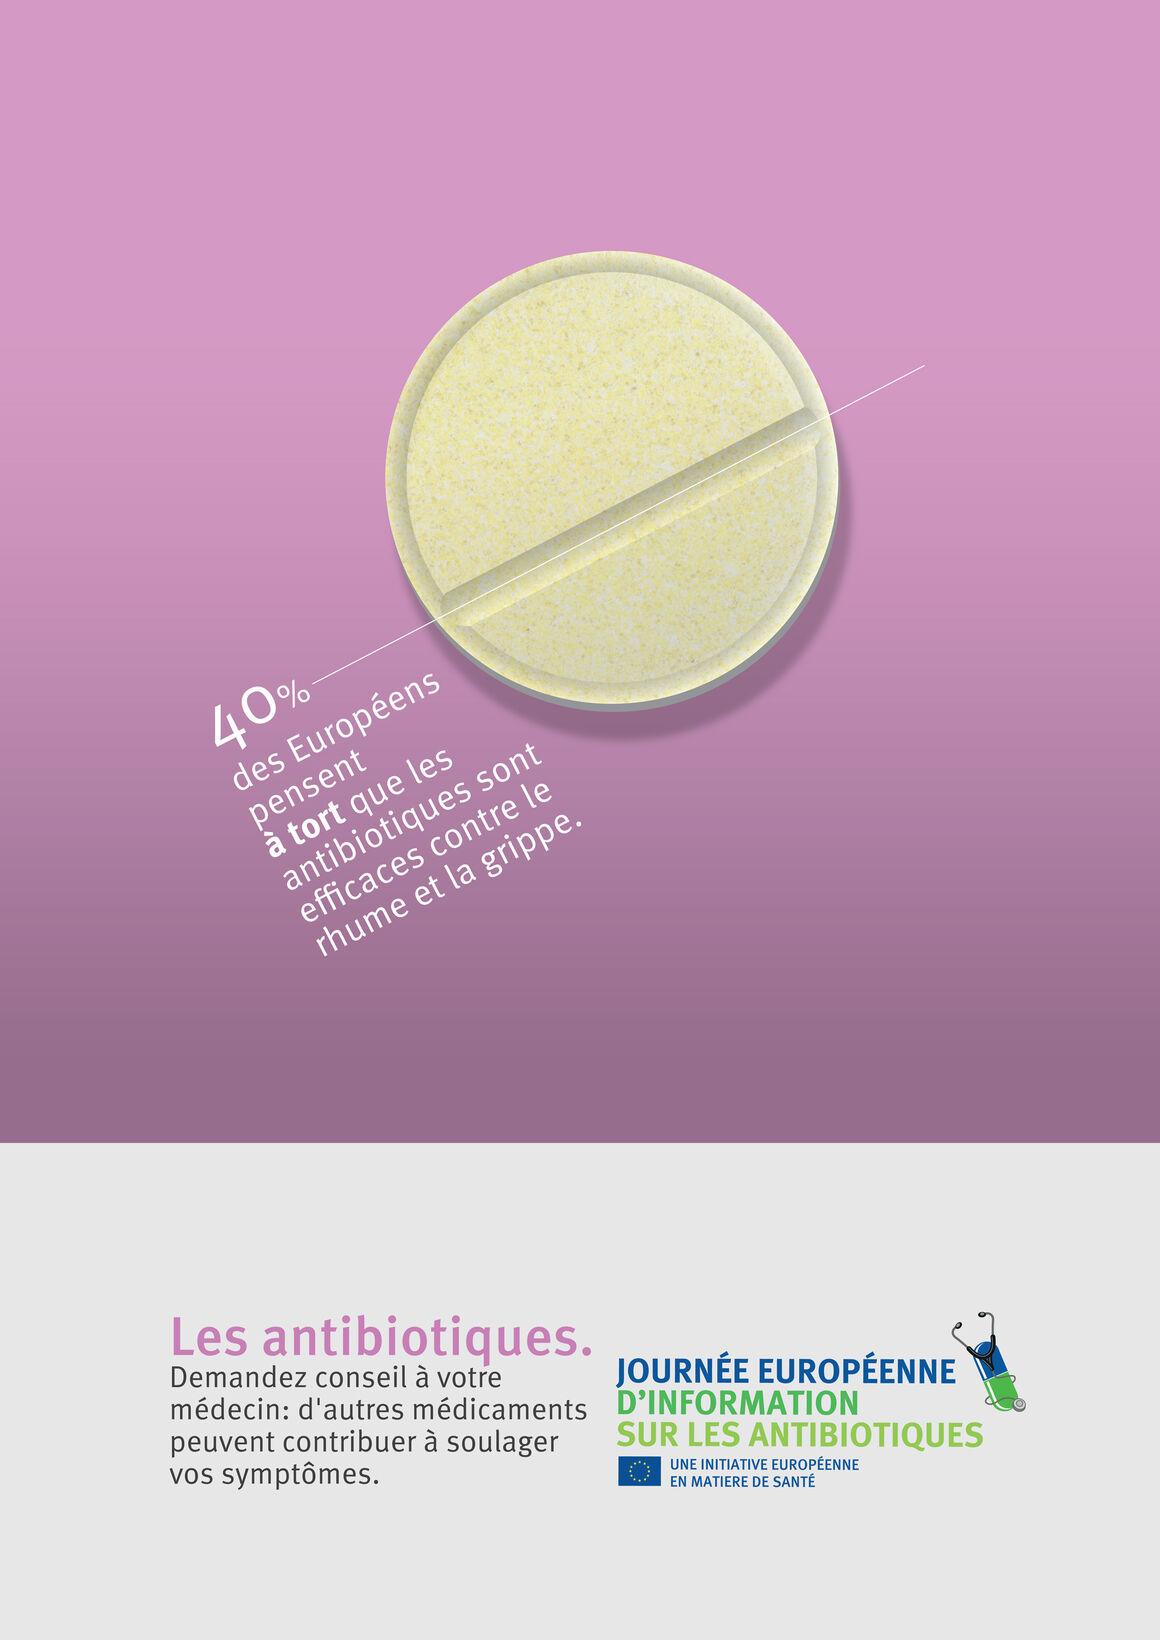 Affiches: Les antibiotiques. Demandez conseil à votre médecin: d'autres médicaments peuvent contribuer à soulager  vos symptômes.